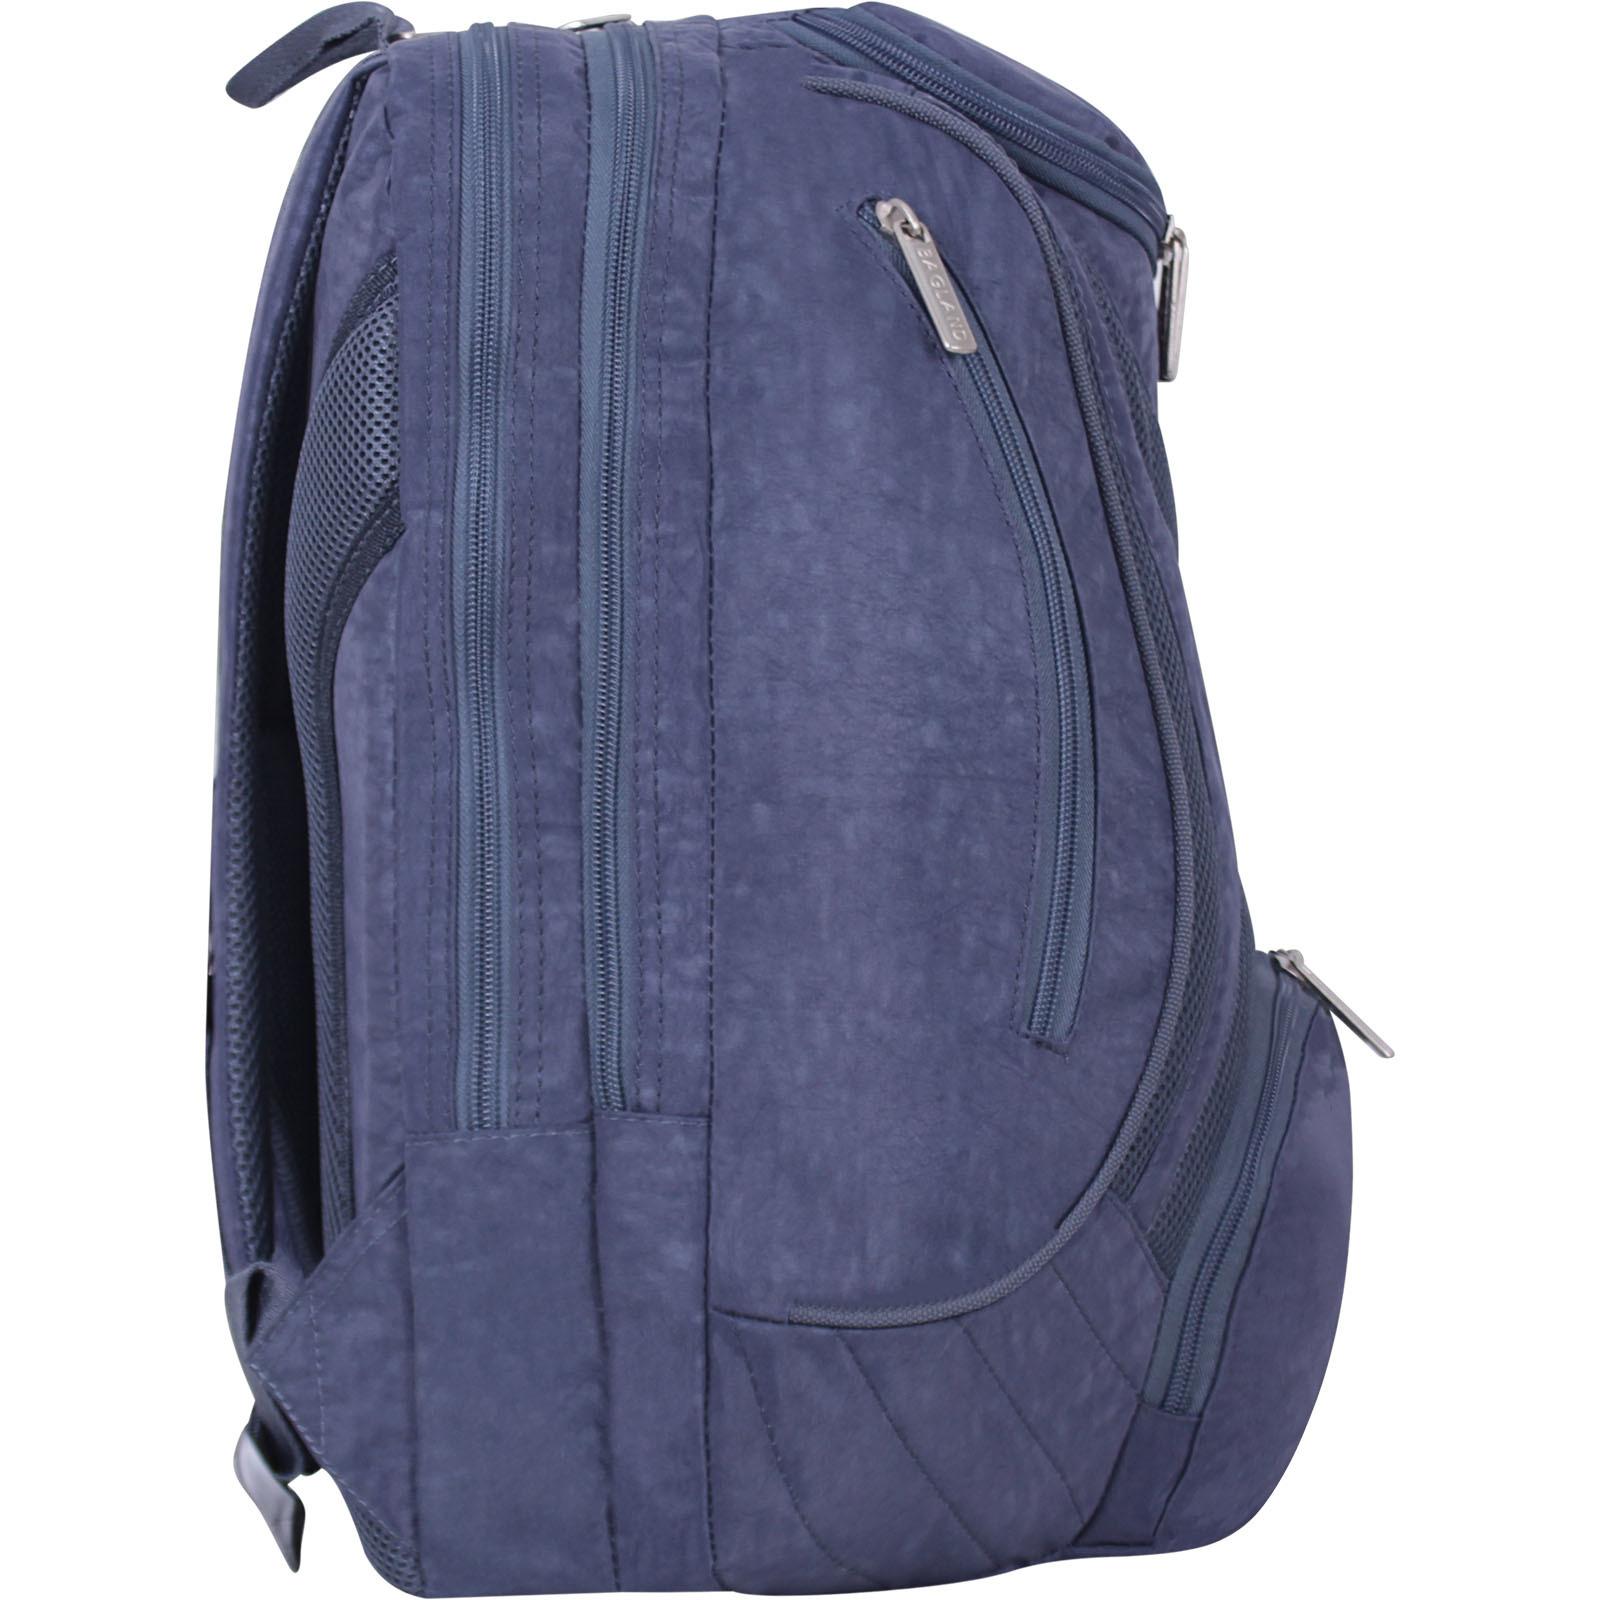 Рюкзак Bagland Объемный 35 л. Темно серый (0014670) фото 2